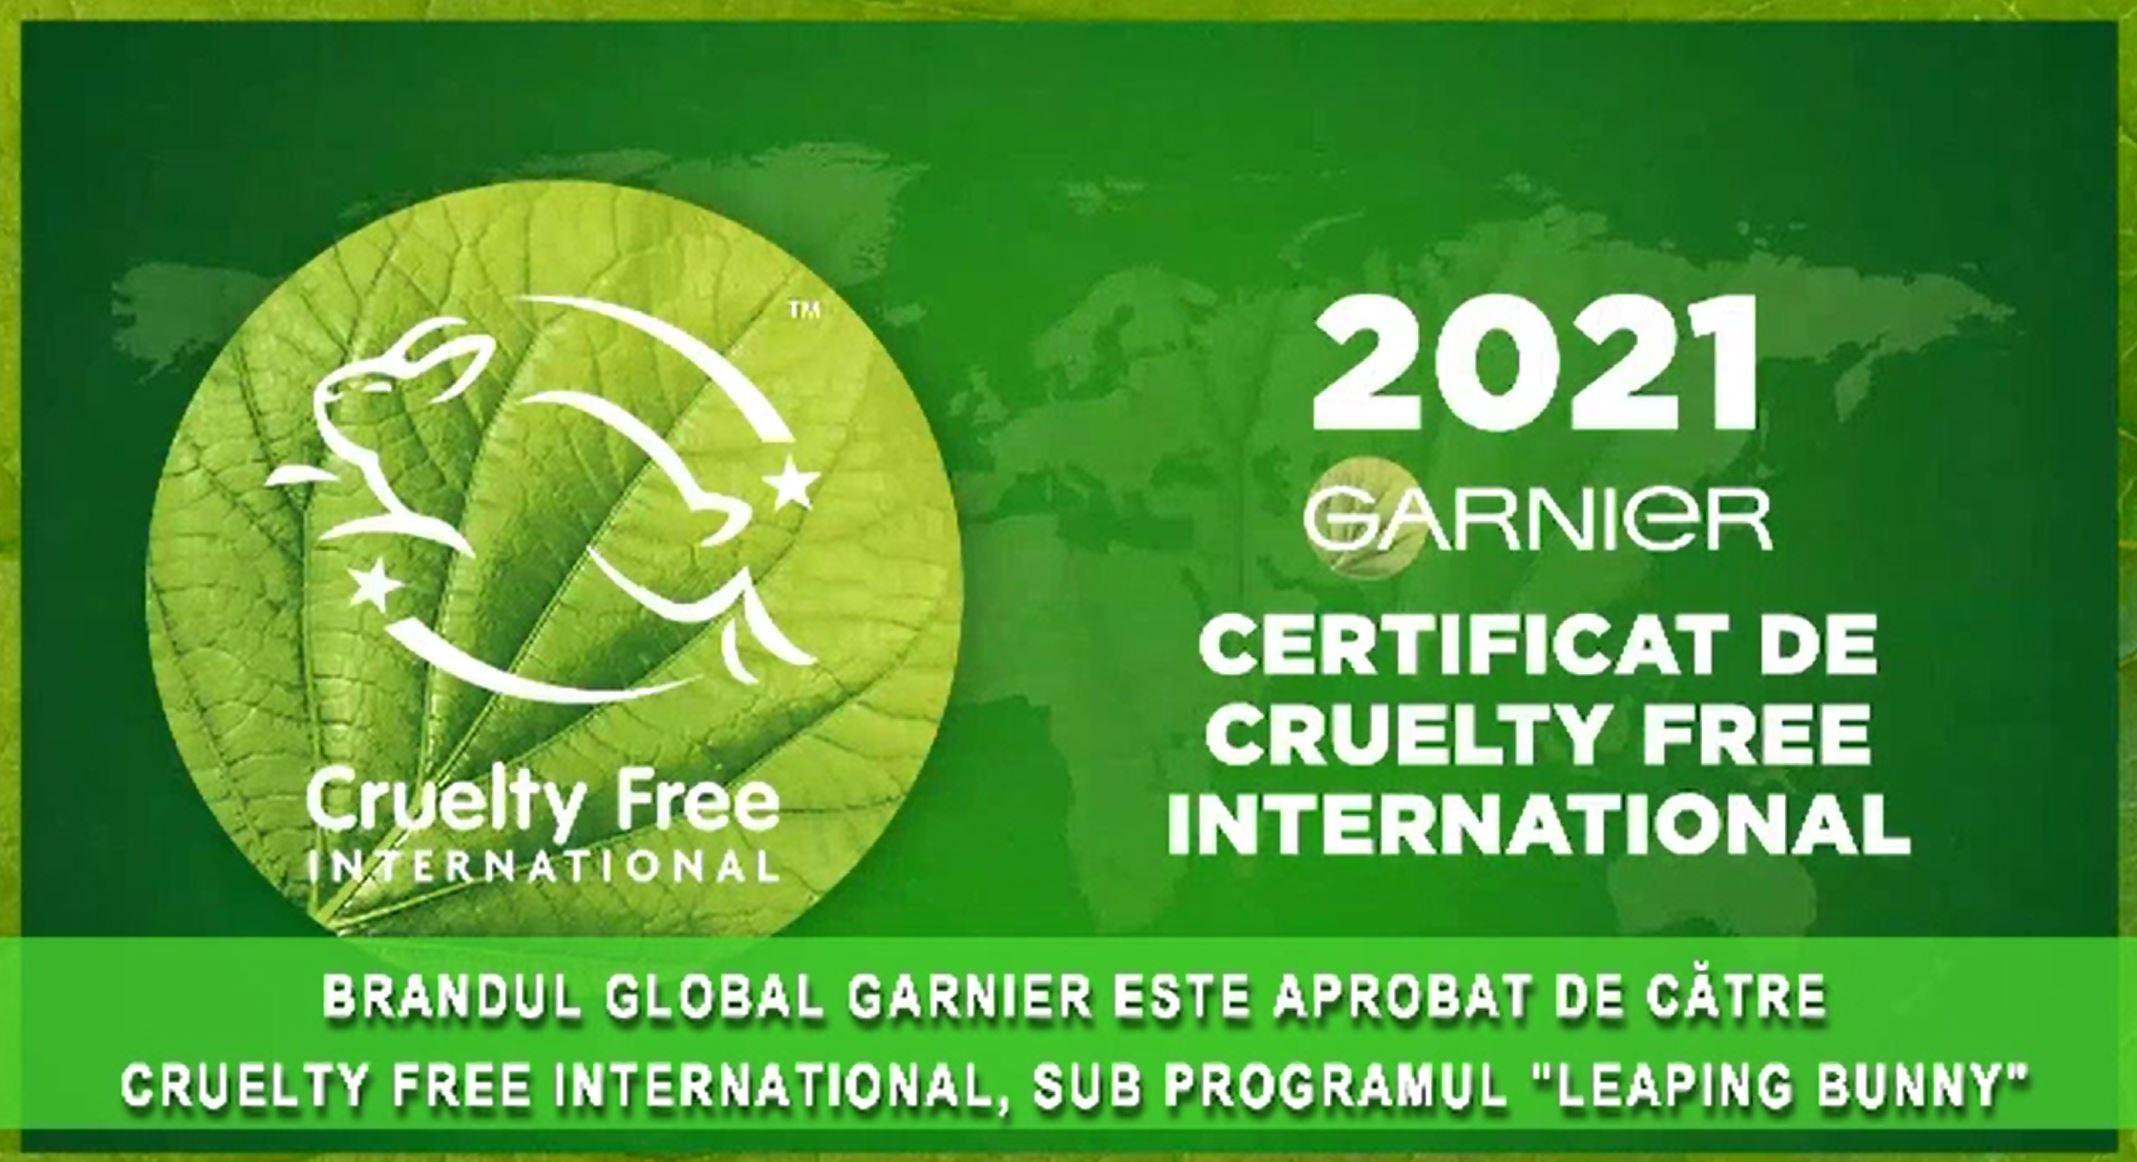 (P) Produsele Garnier, recunoscute la nivel internațional ca fiind cruelty-free